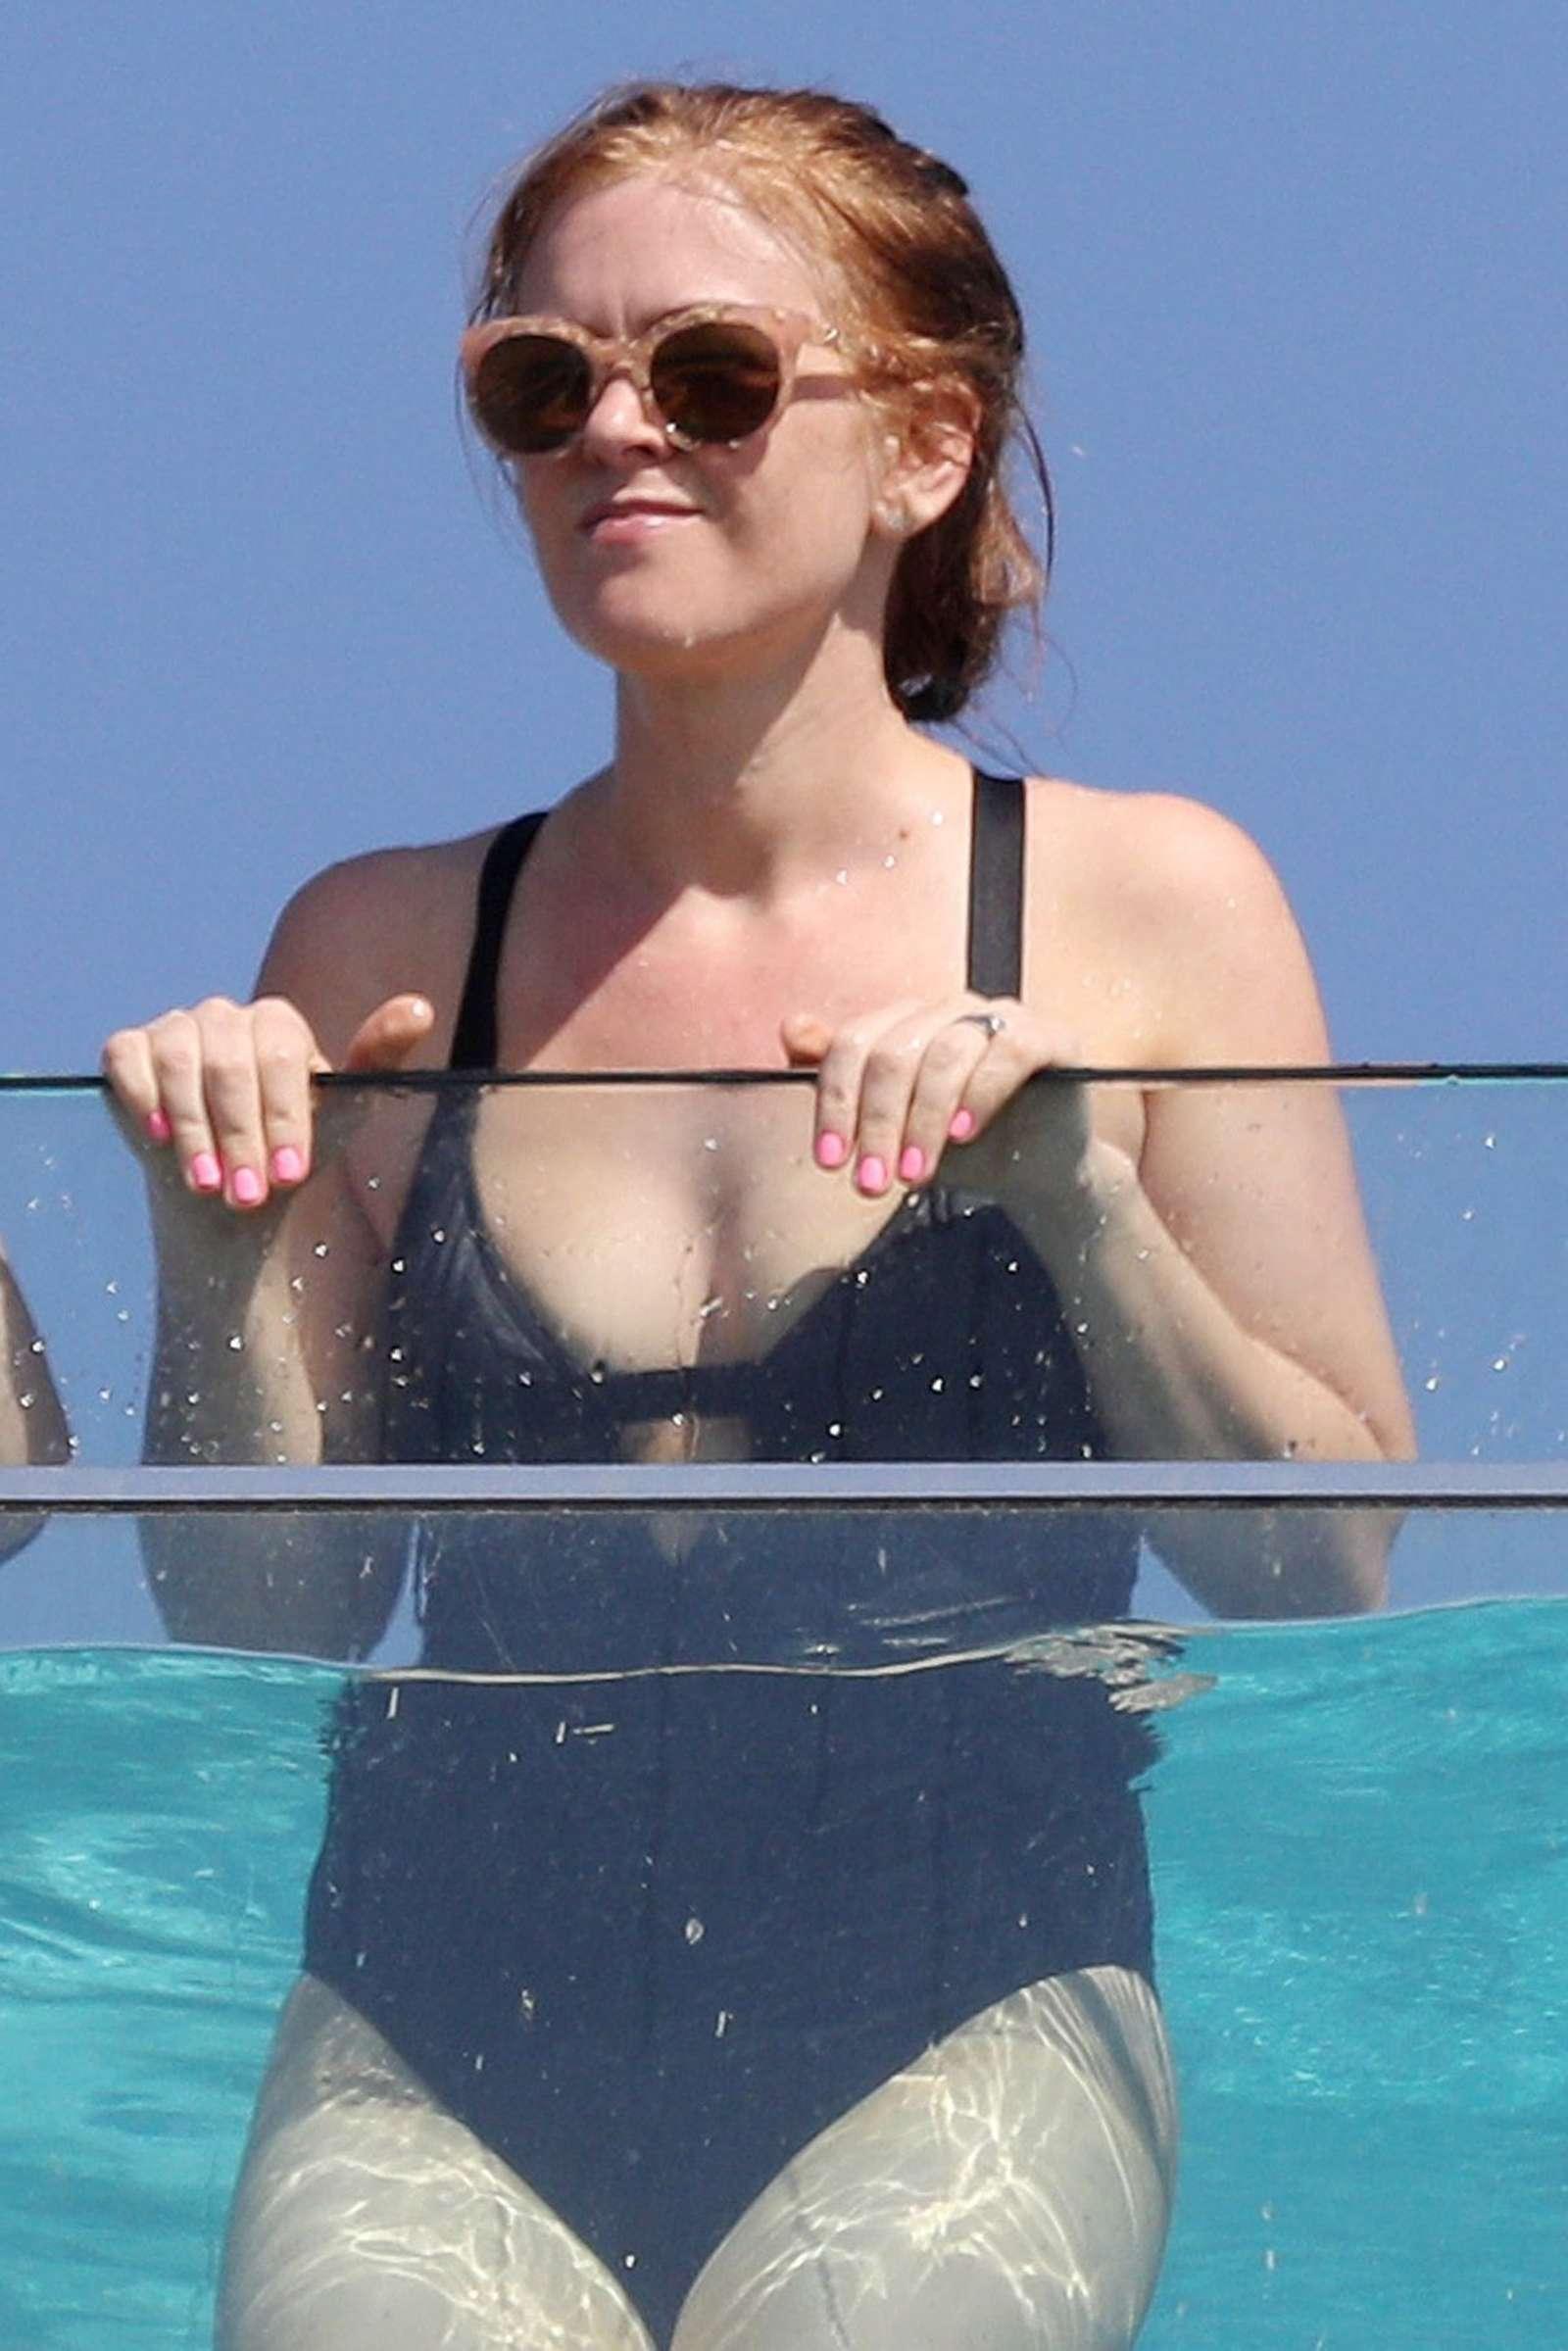 isla fisher bikini